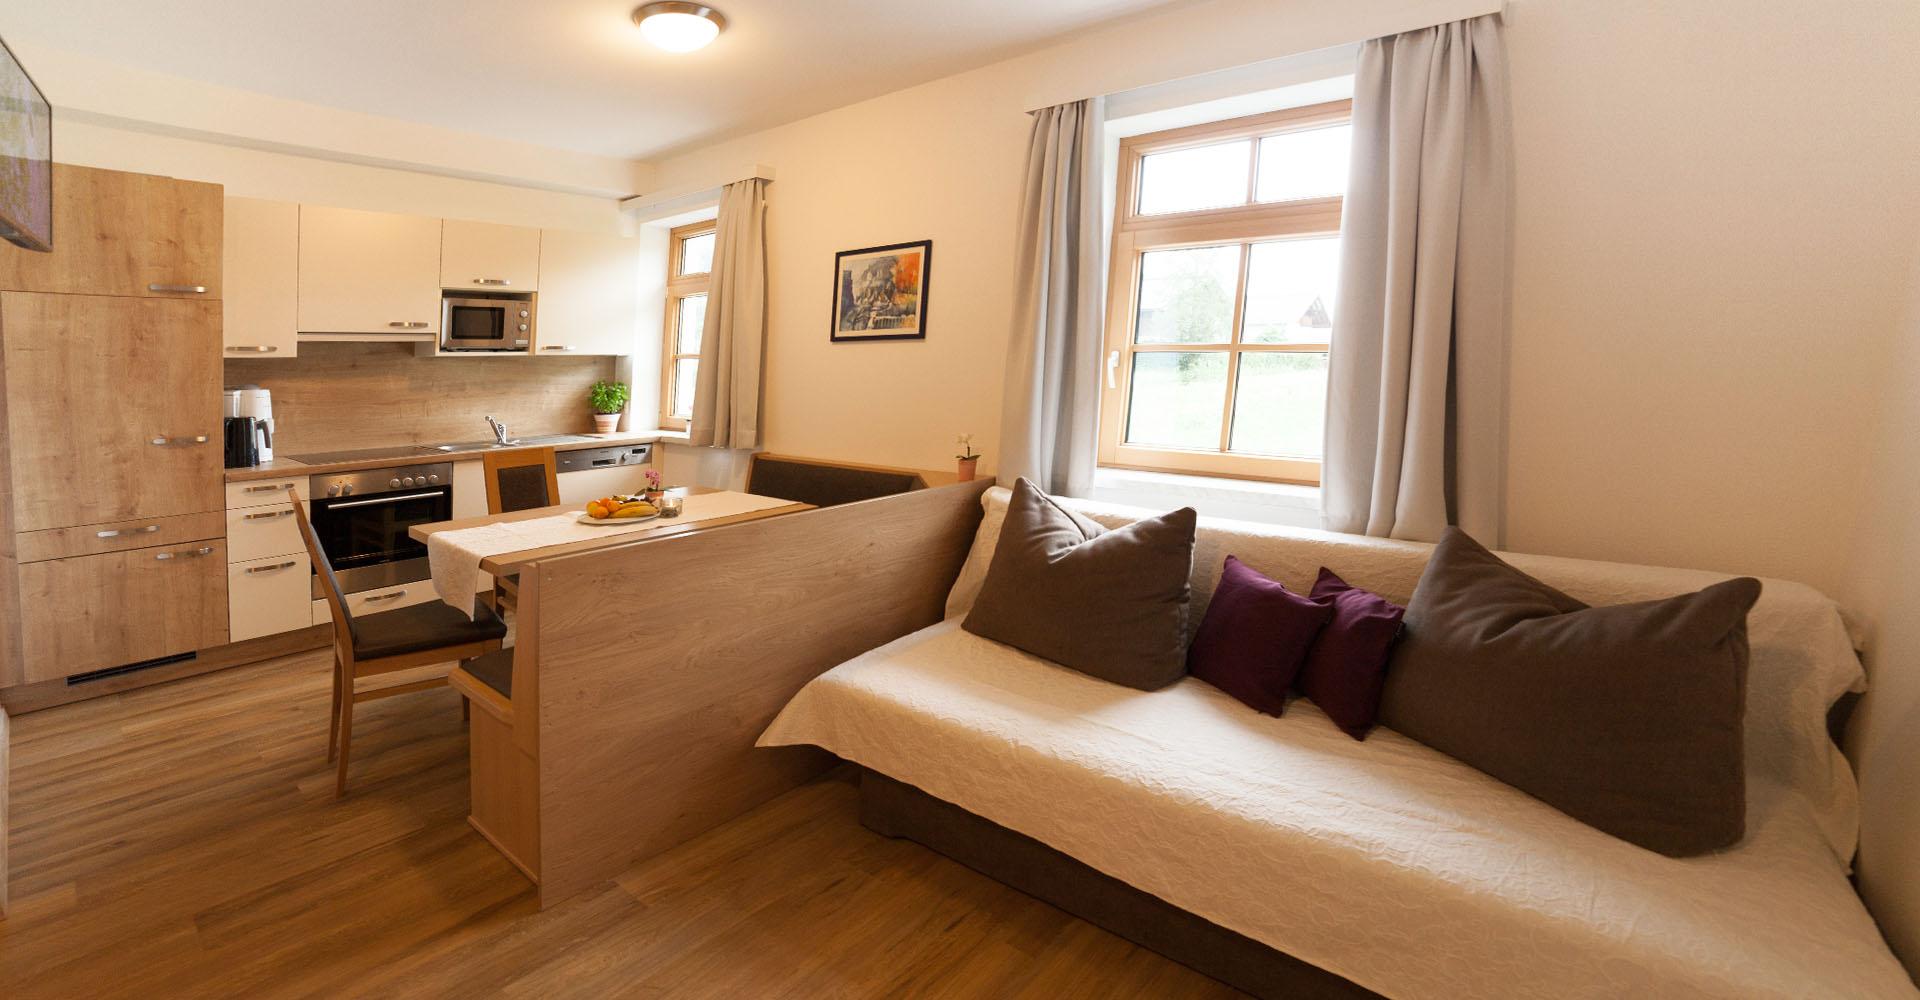 Appartement Bliem in Flachau - direkt neben der Piste